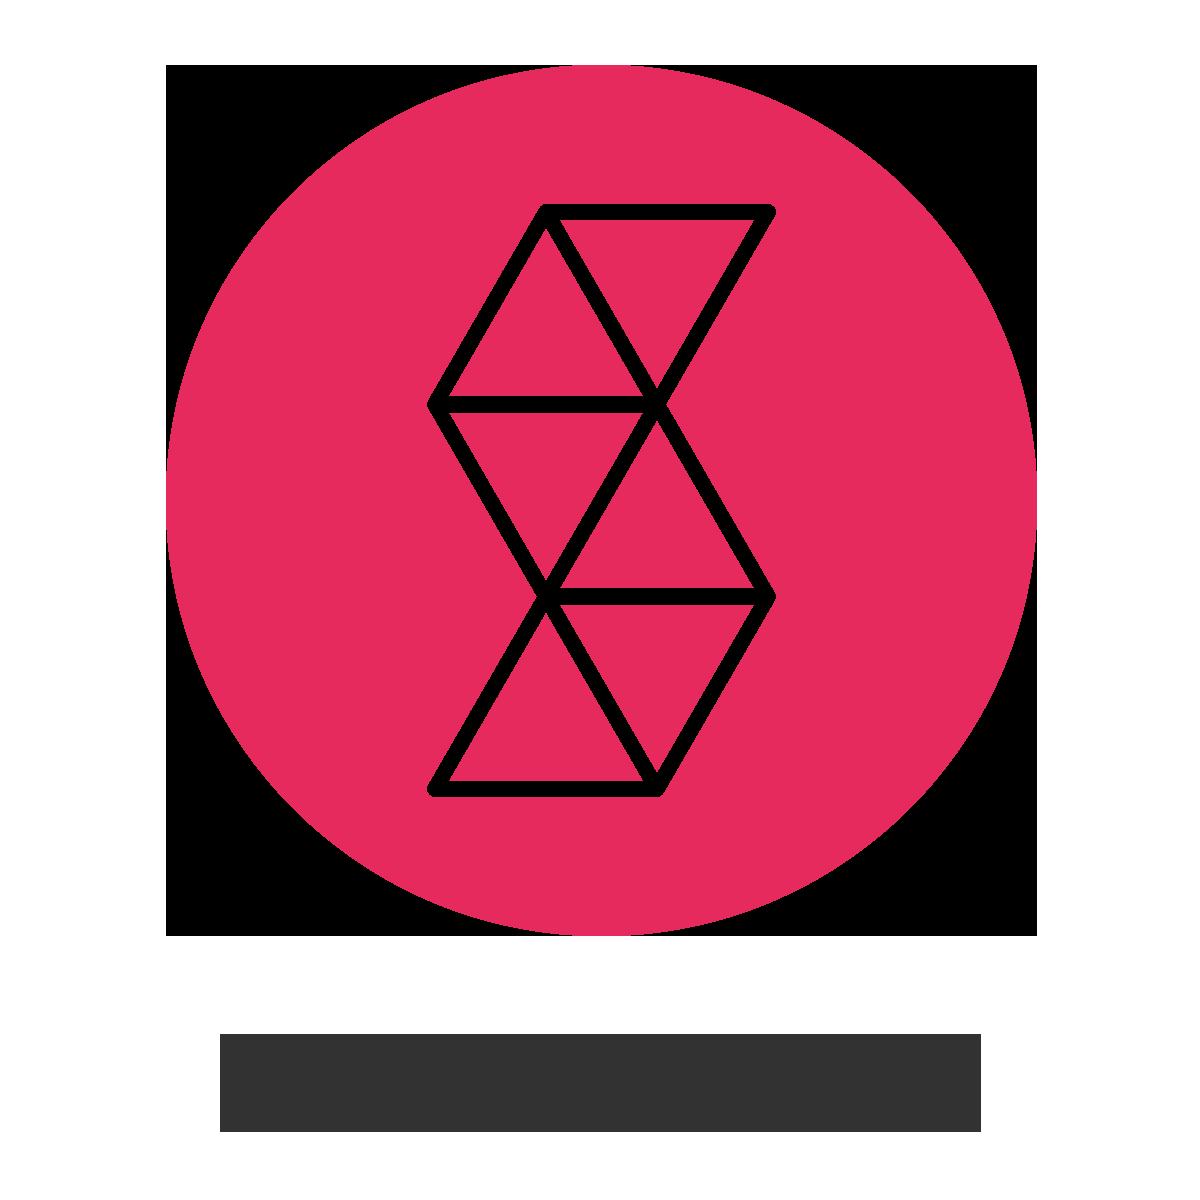 https://pixellu.com/smartslides